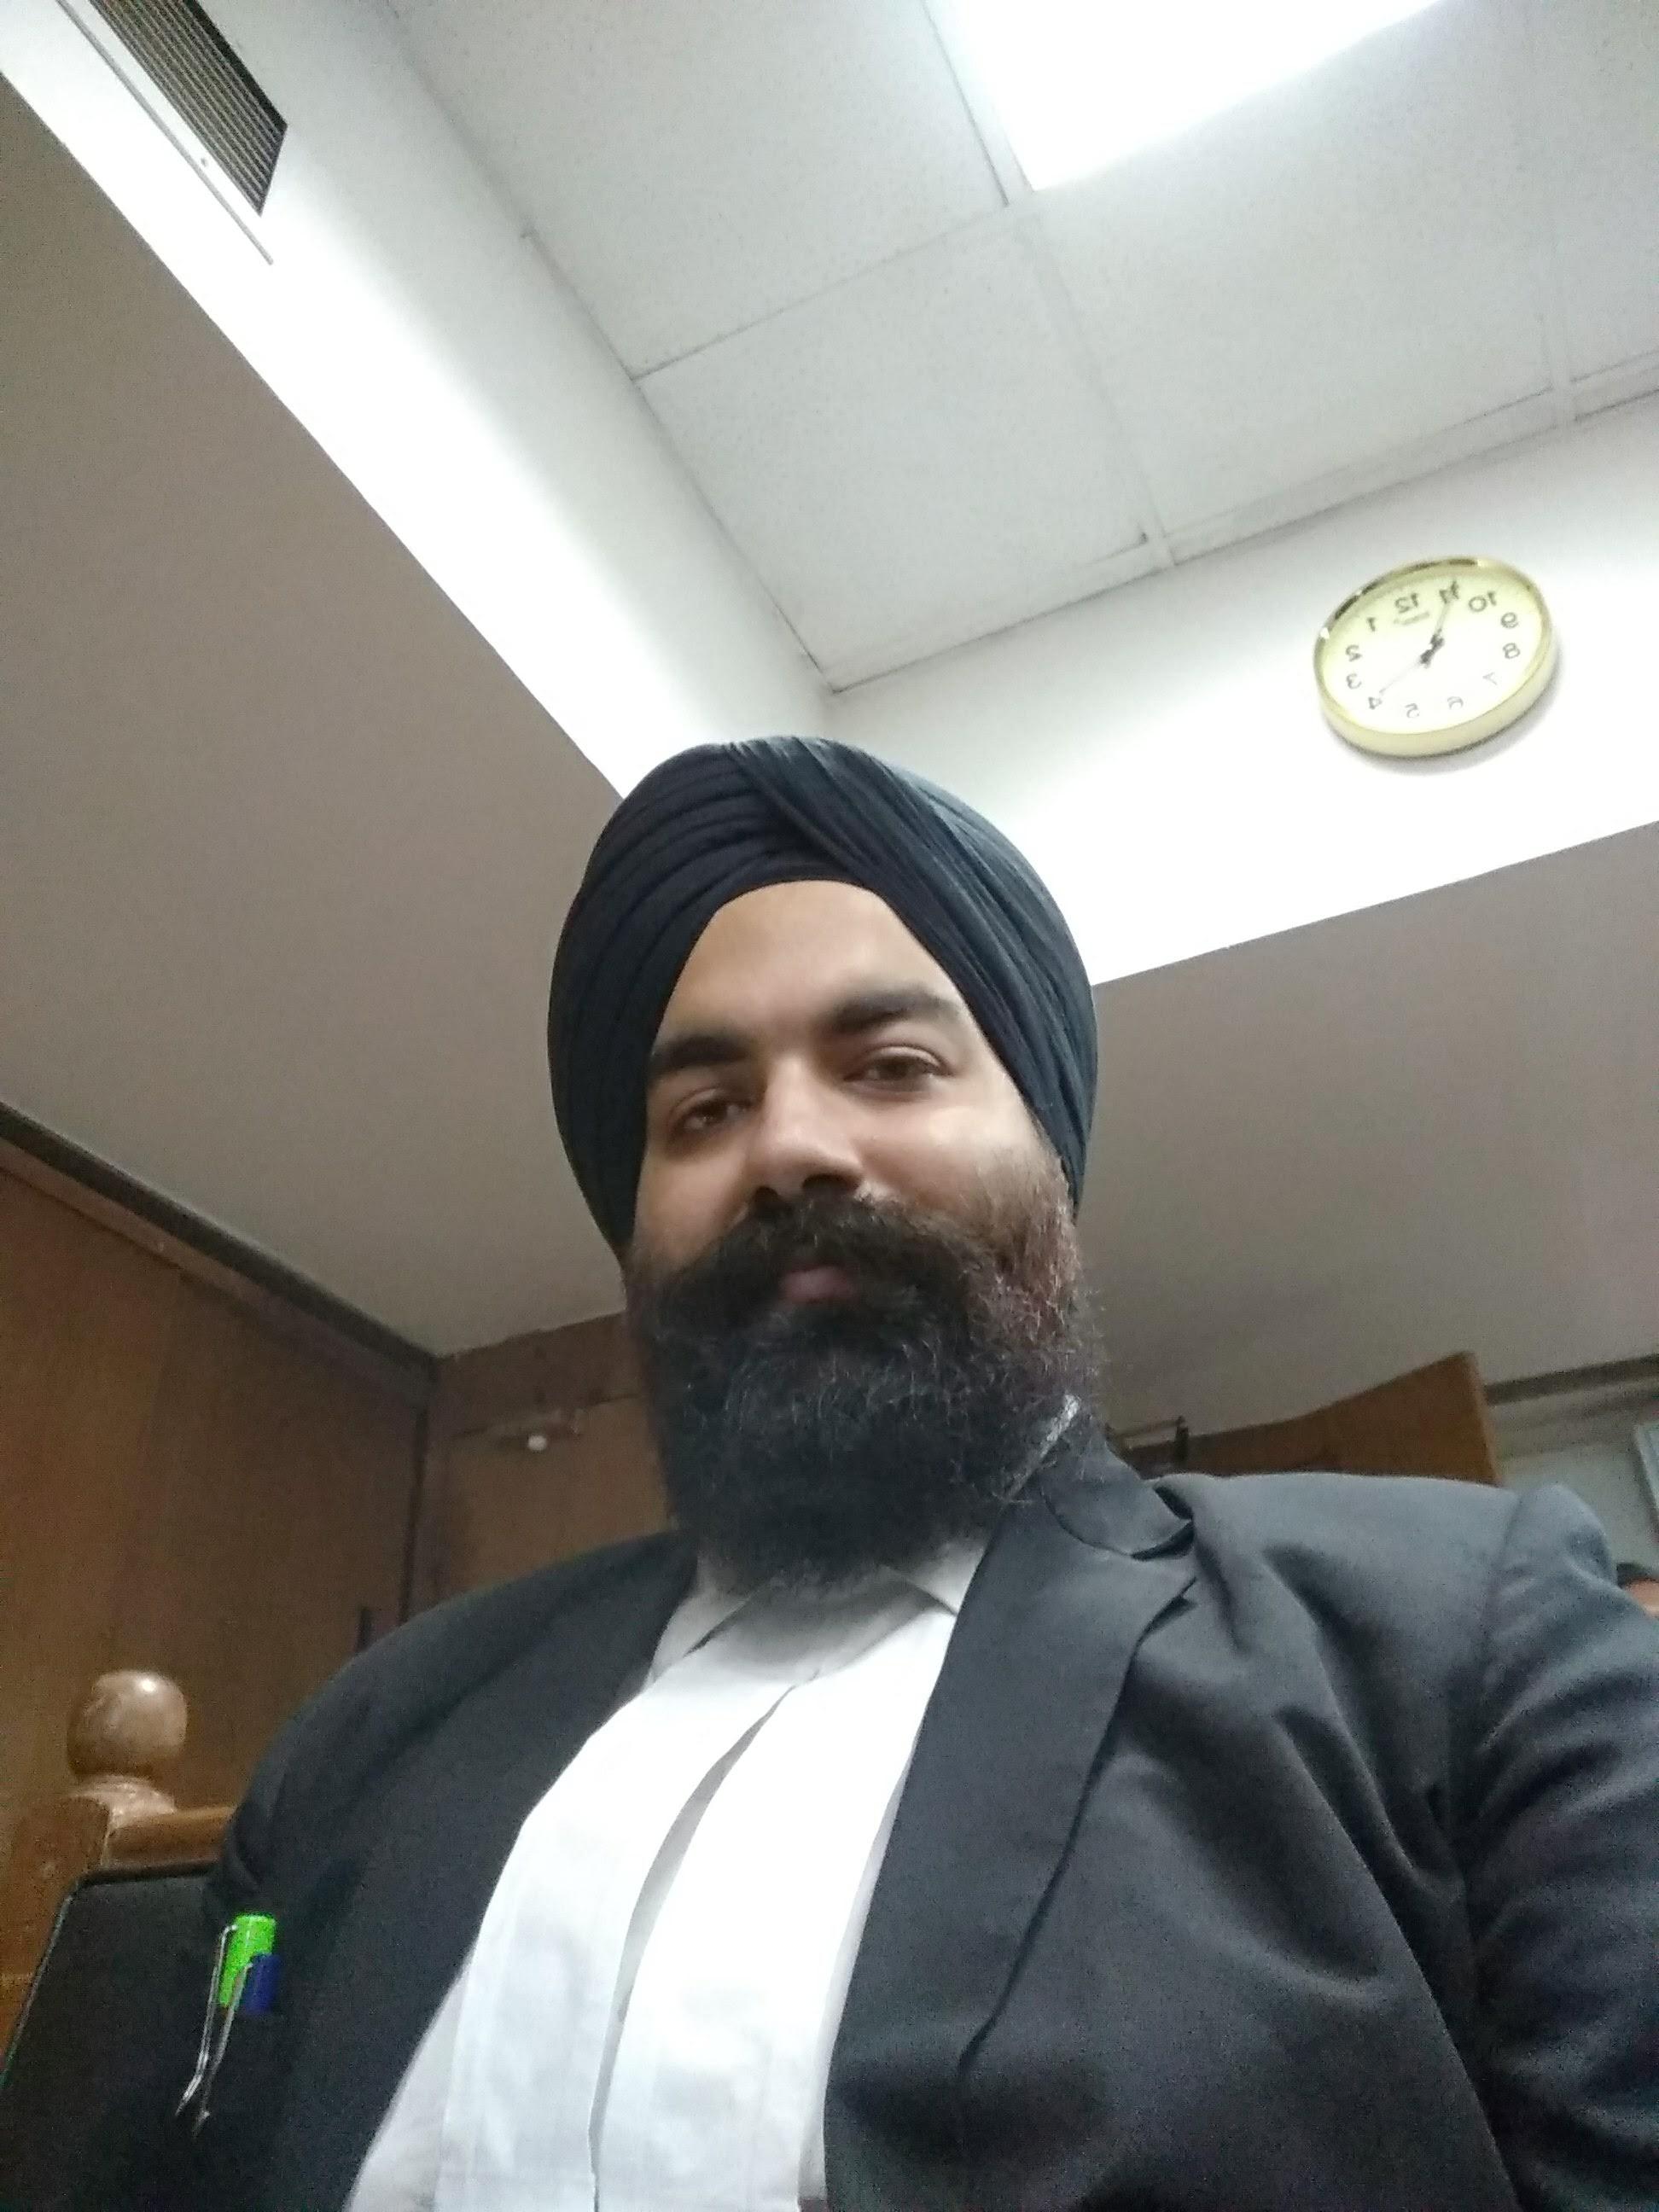 Hargun Singh Bhatia